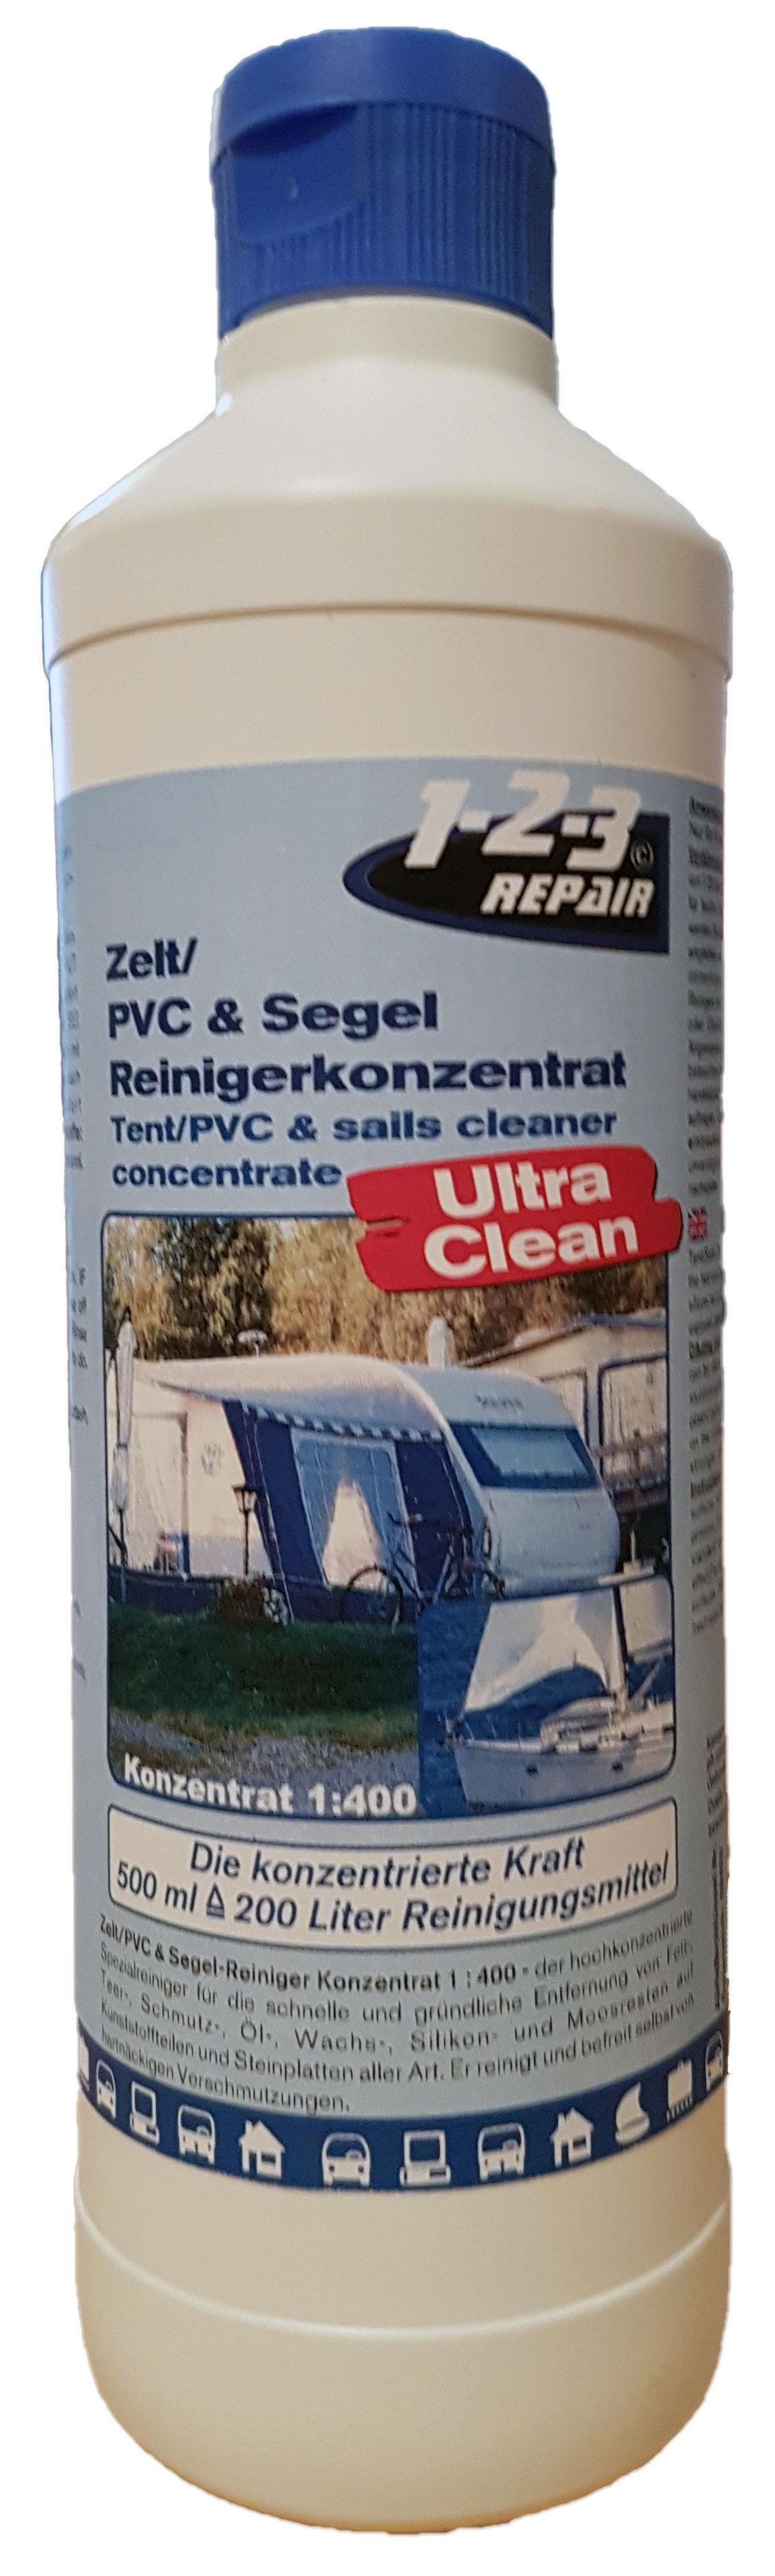 123023 Zelt/PVC und Segelreinigerkonzentrat